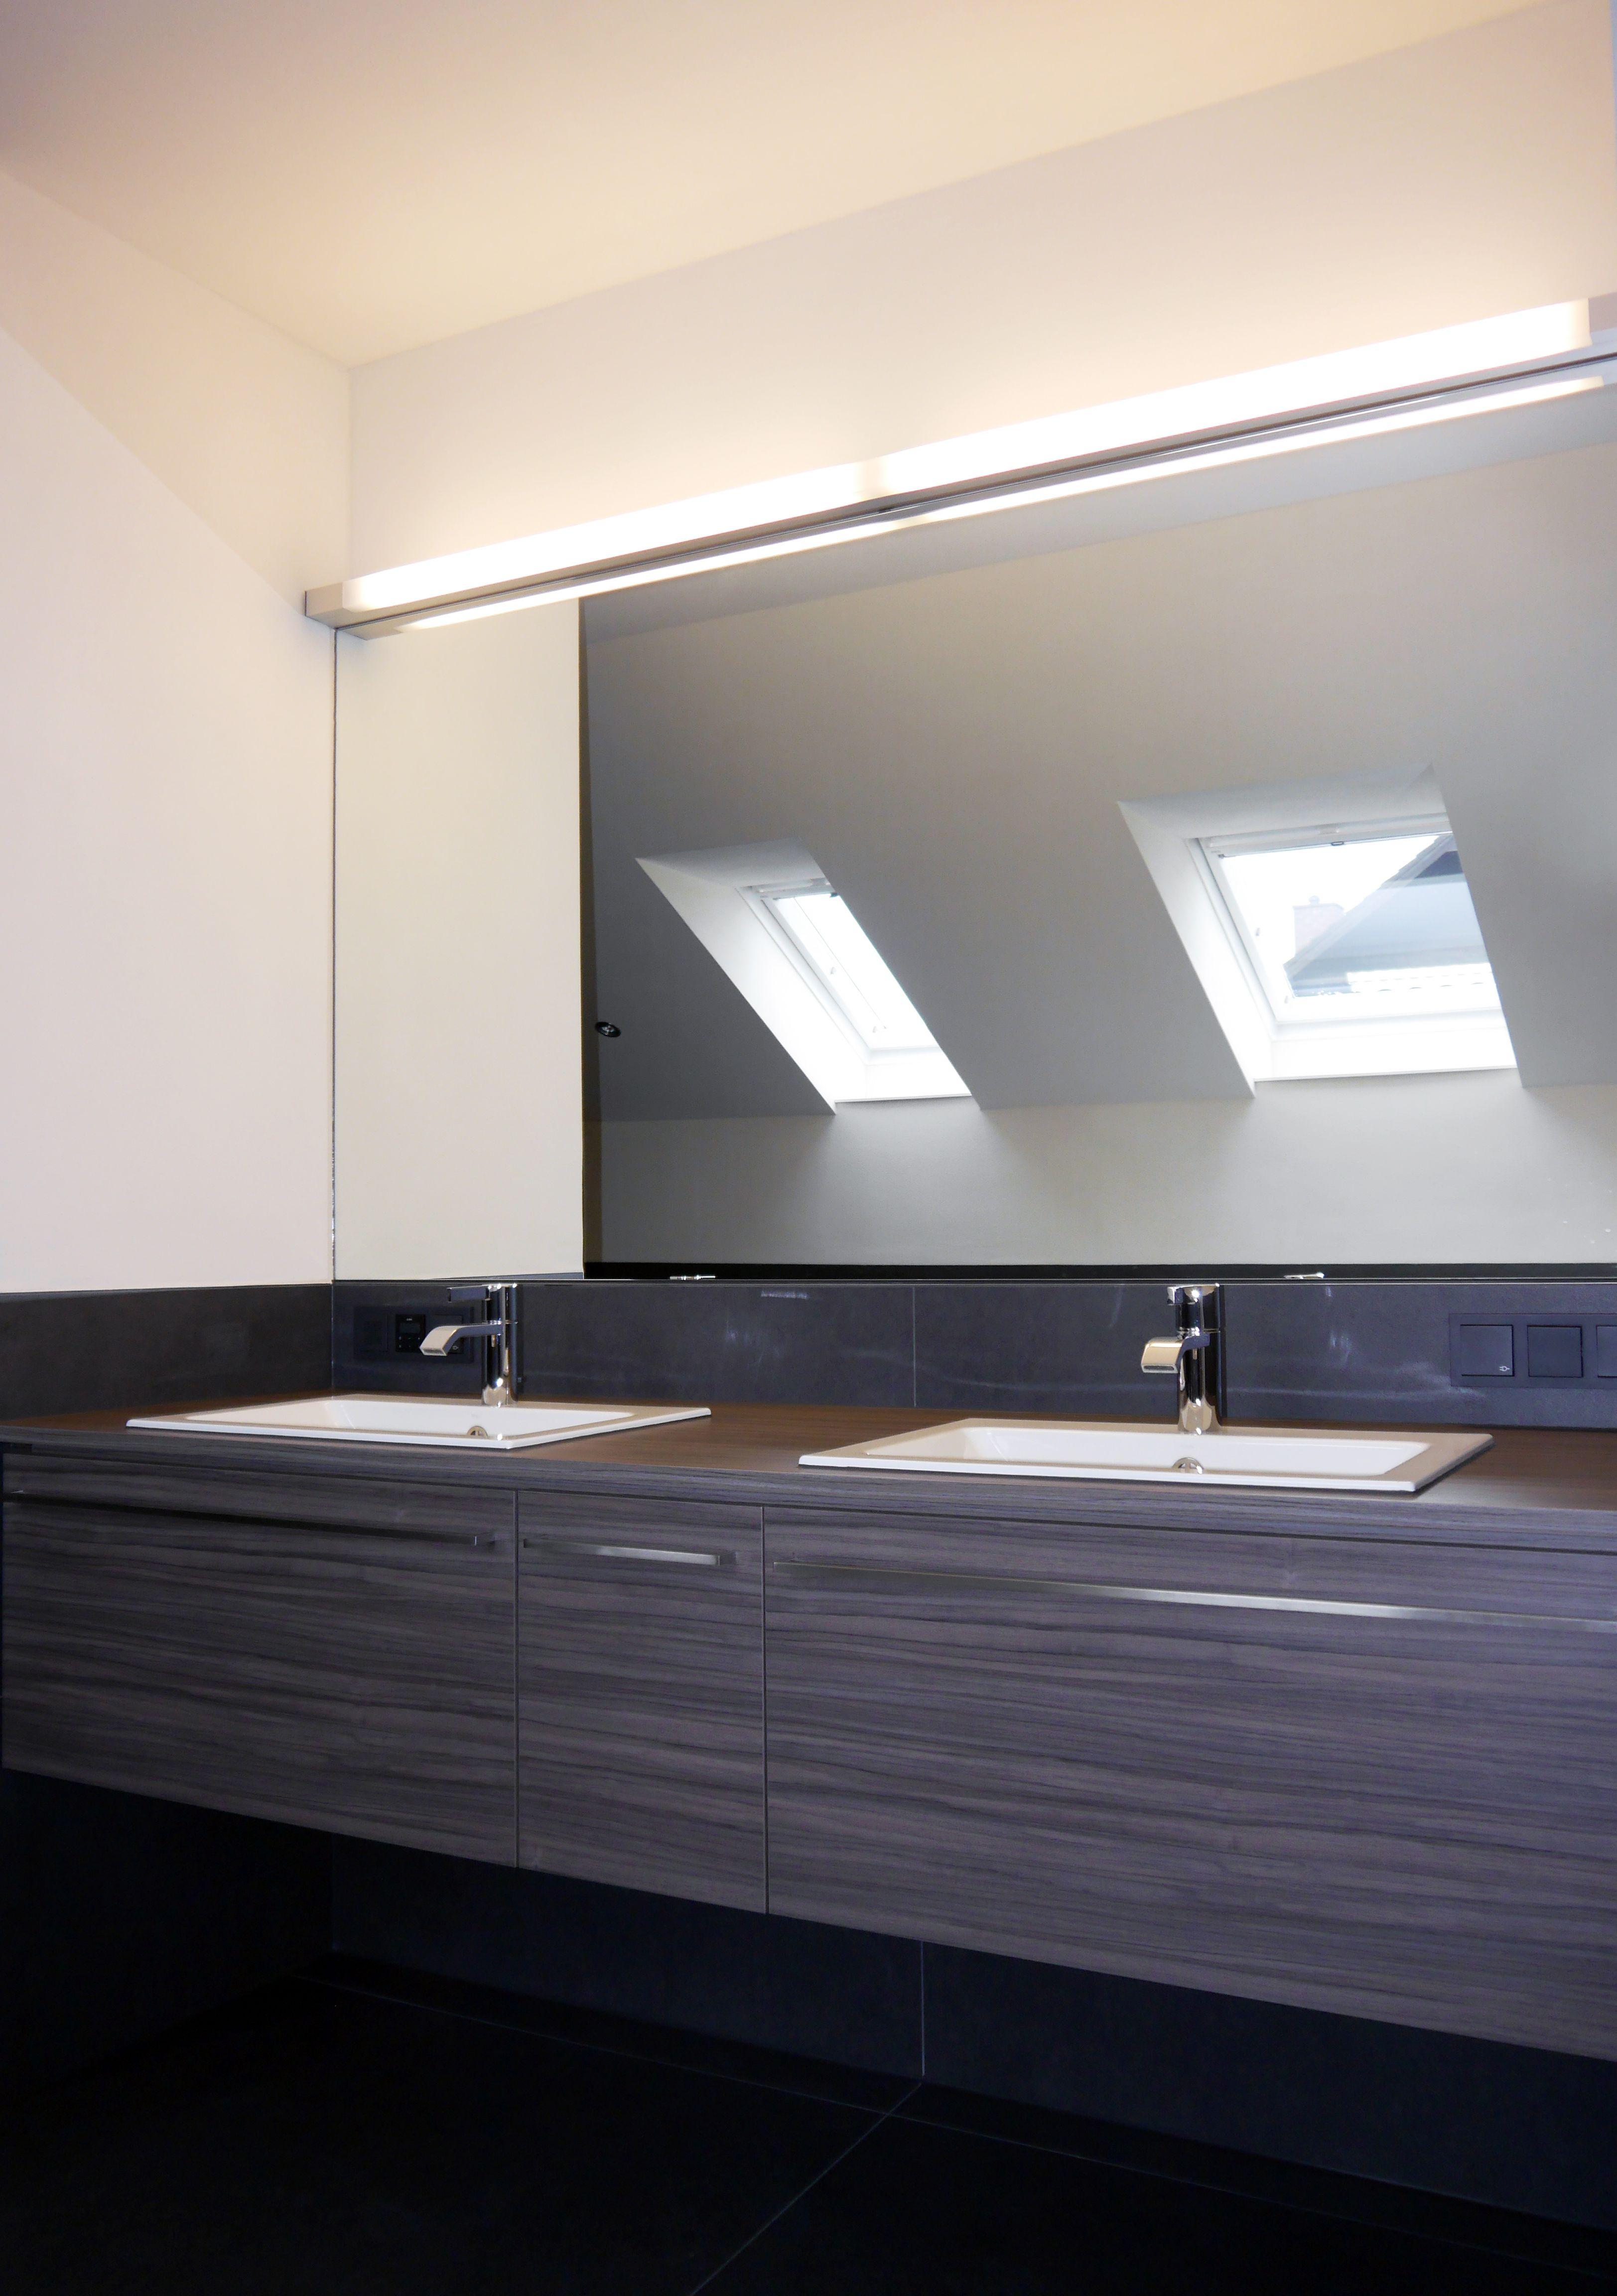 waschtisch mit spiegel badezimmer waschtische in 2019. Black Bedroom Furniture Sets. Home Design Ideas